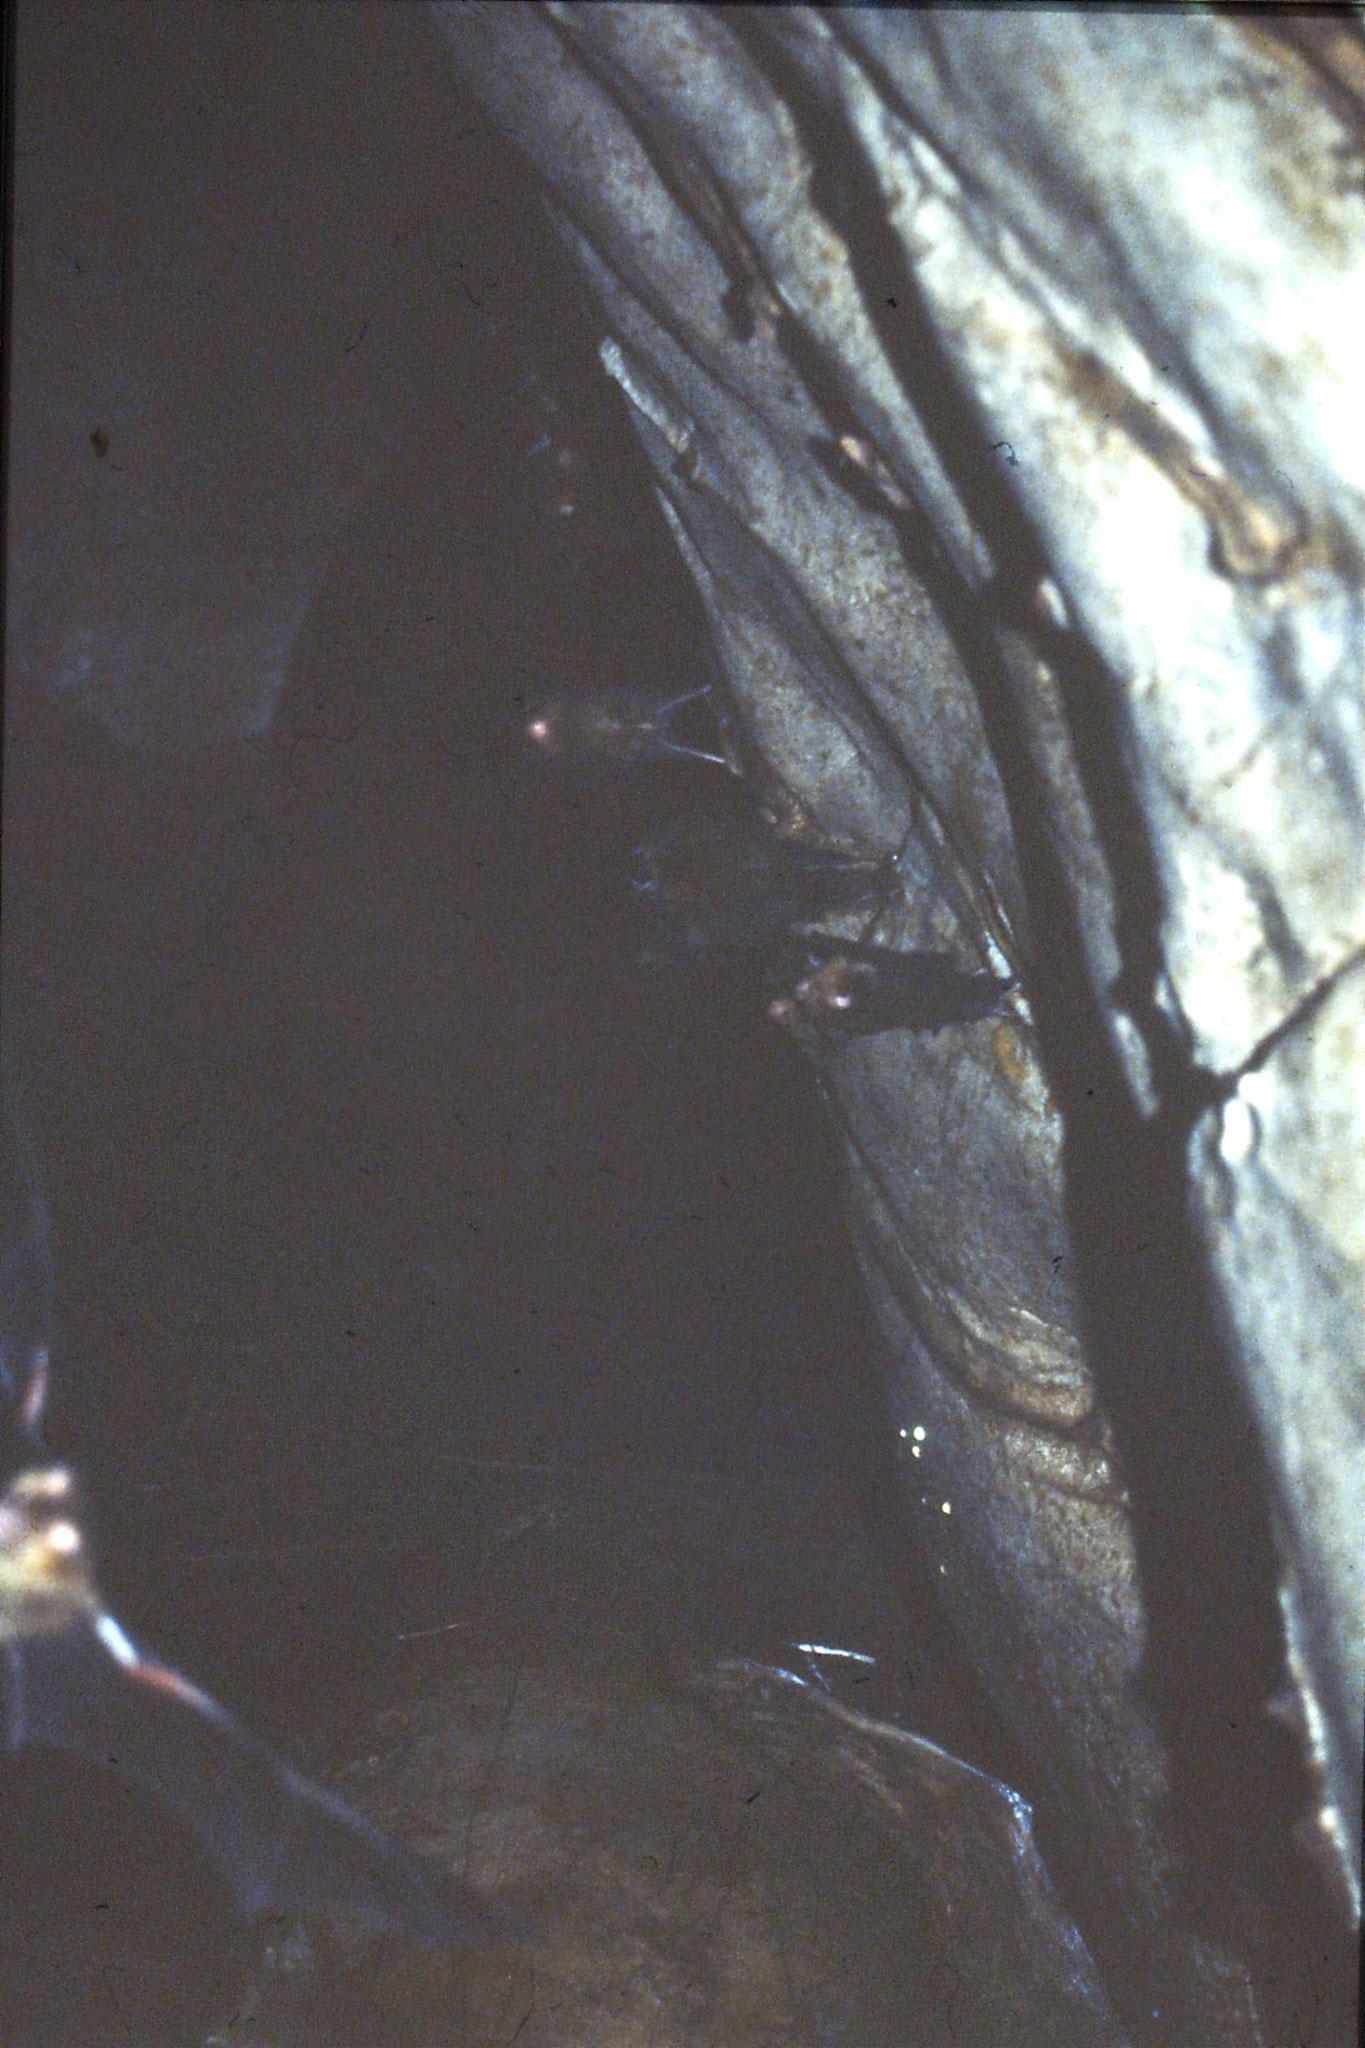 26/6/1990: 20: Tamen Negara bat cave